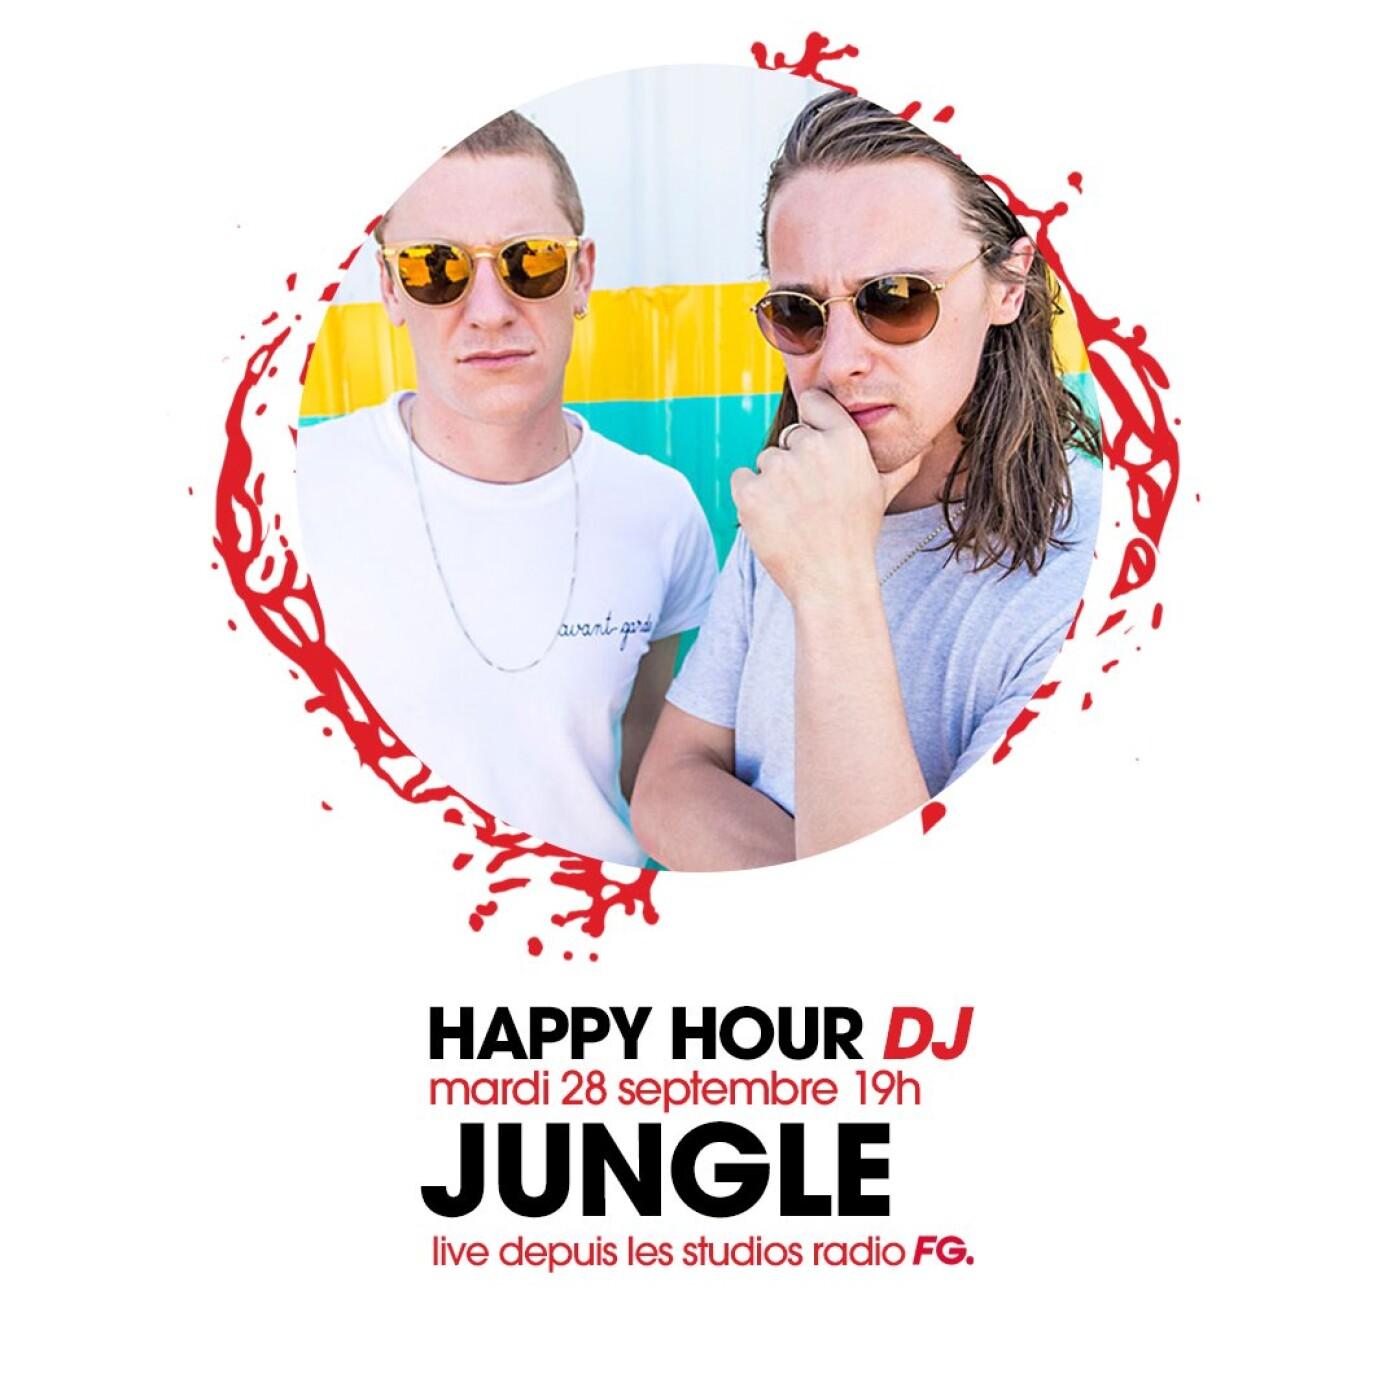 HAPPY HOUR DJ : JUNGLE